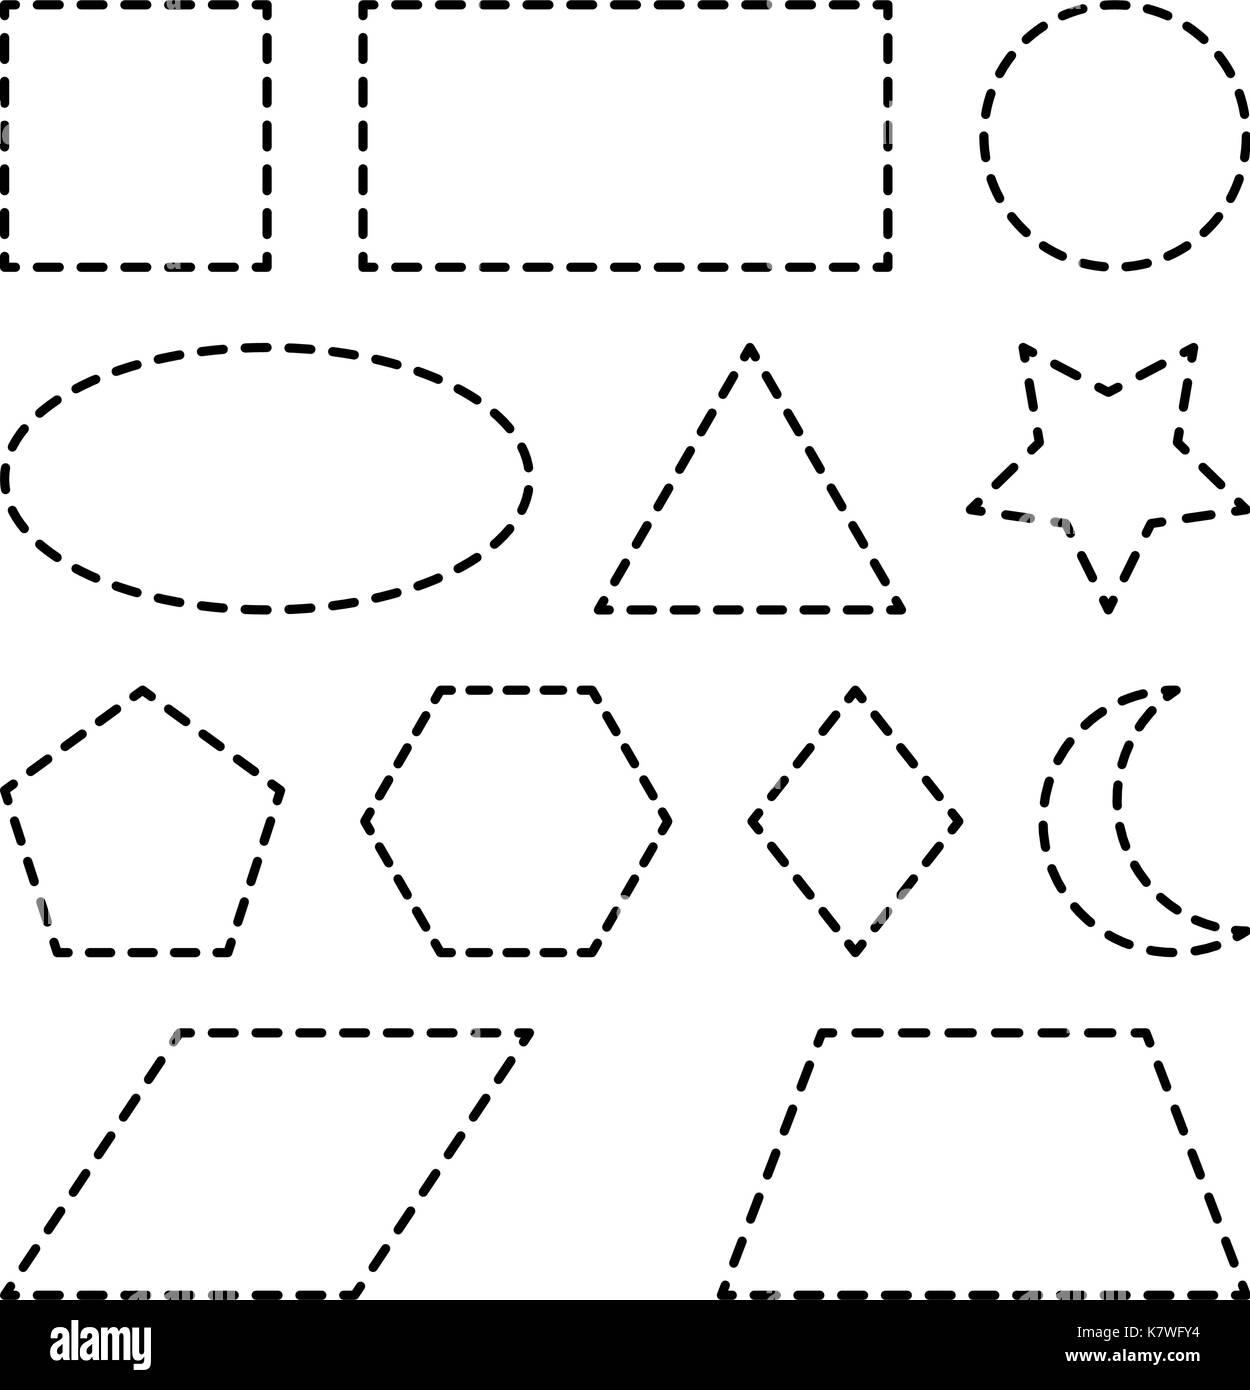 Знакомство с геометрической фигурой овал